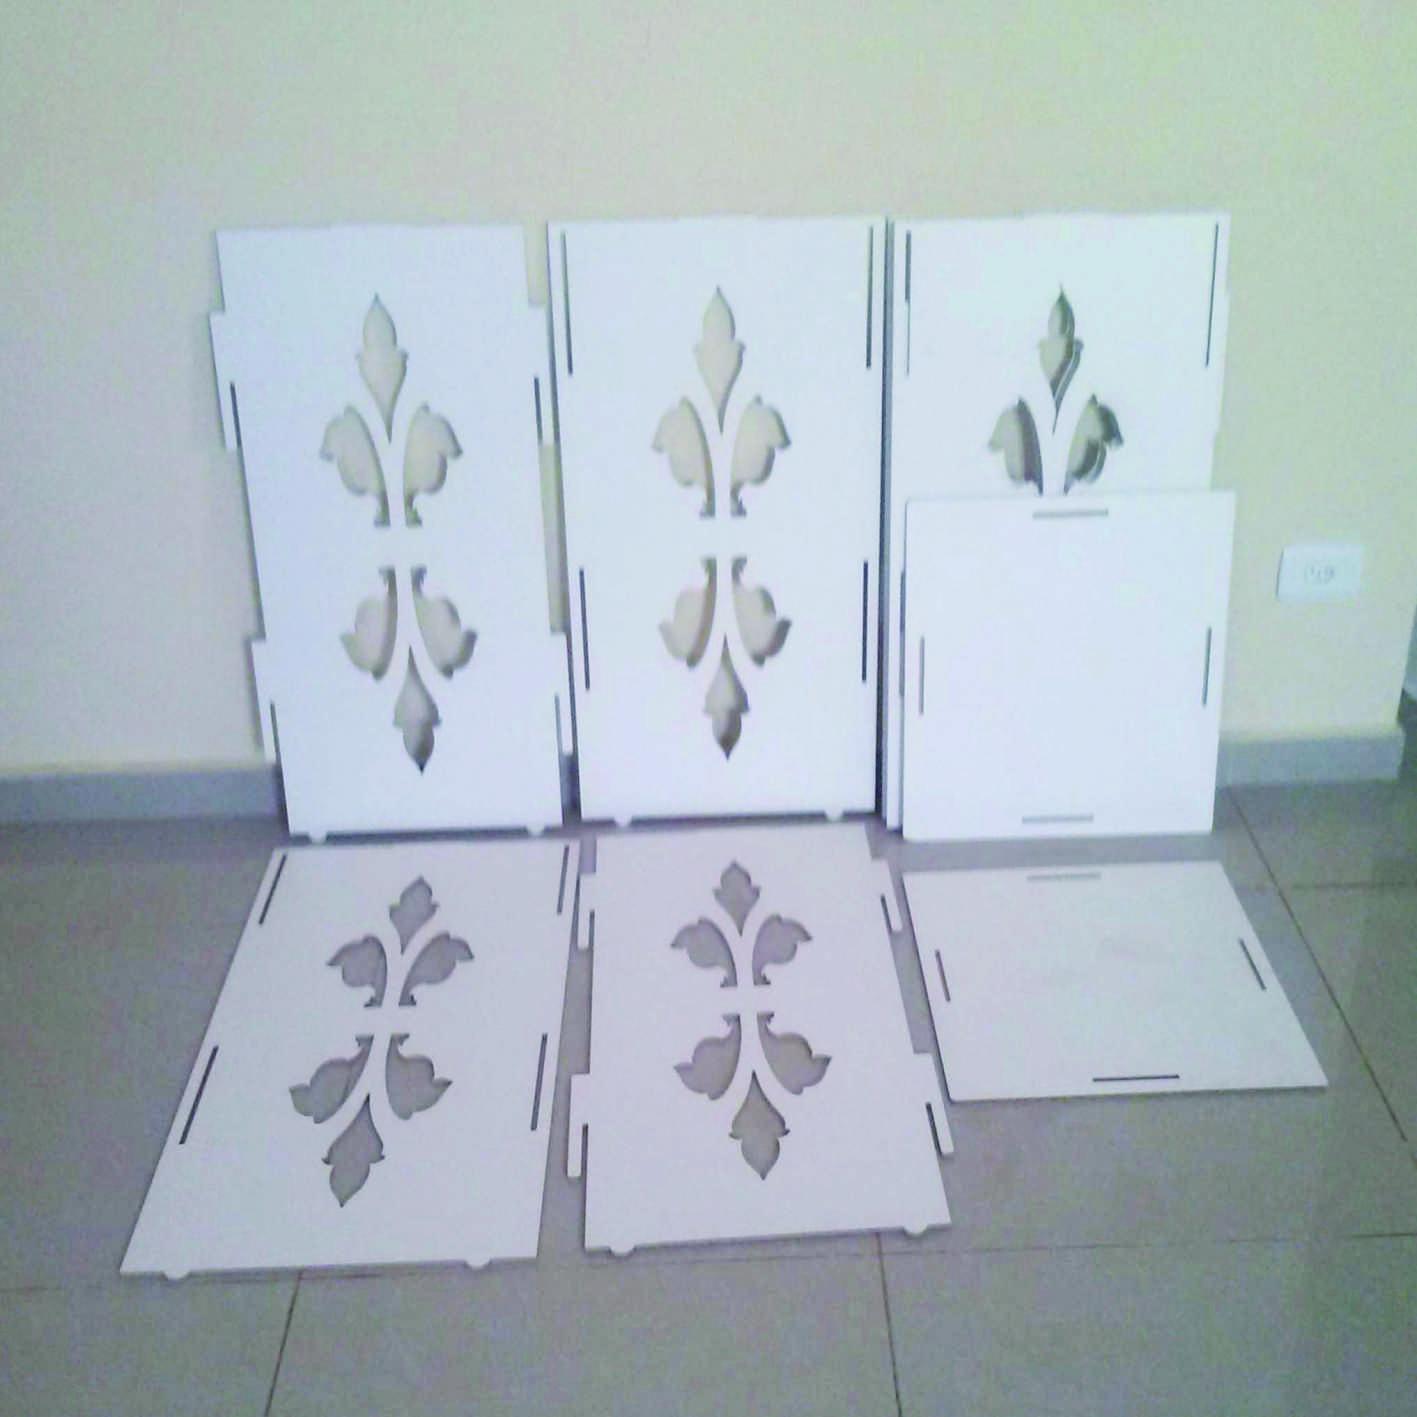 kit festa mesa provencal mdf branco bandeja mdf #736858 1417x1417